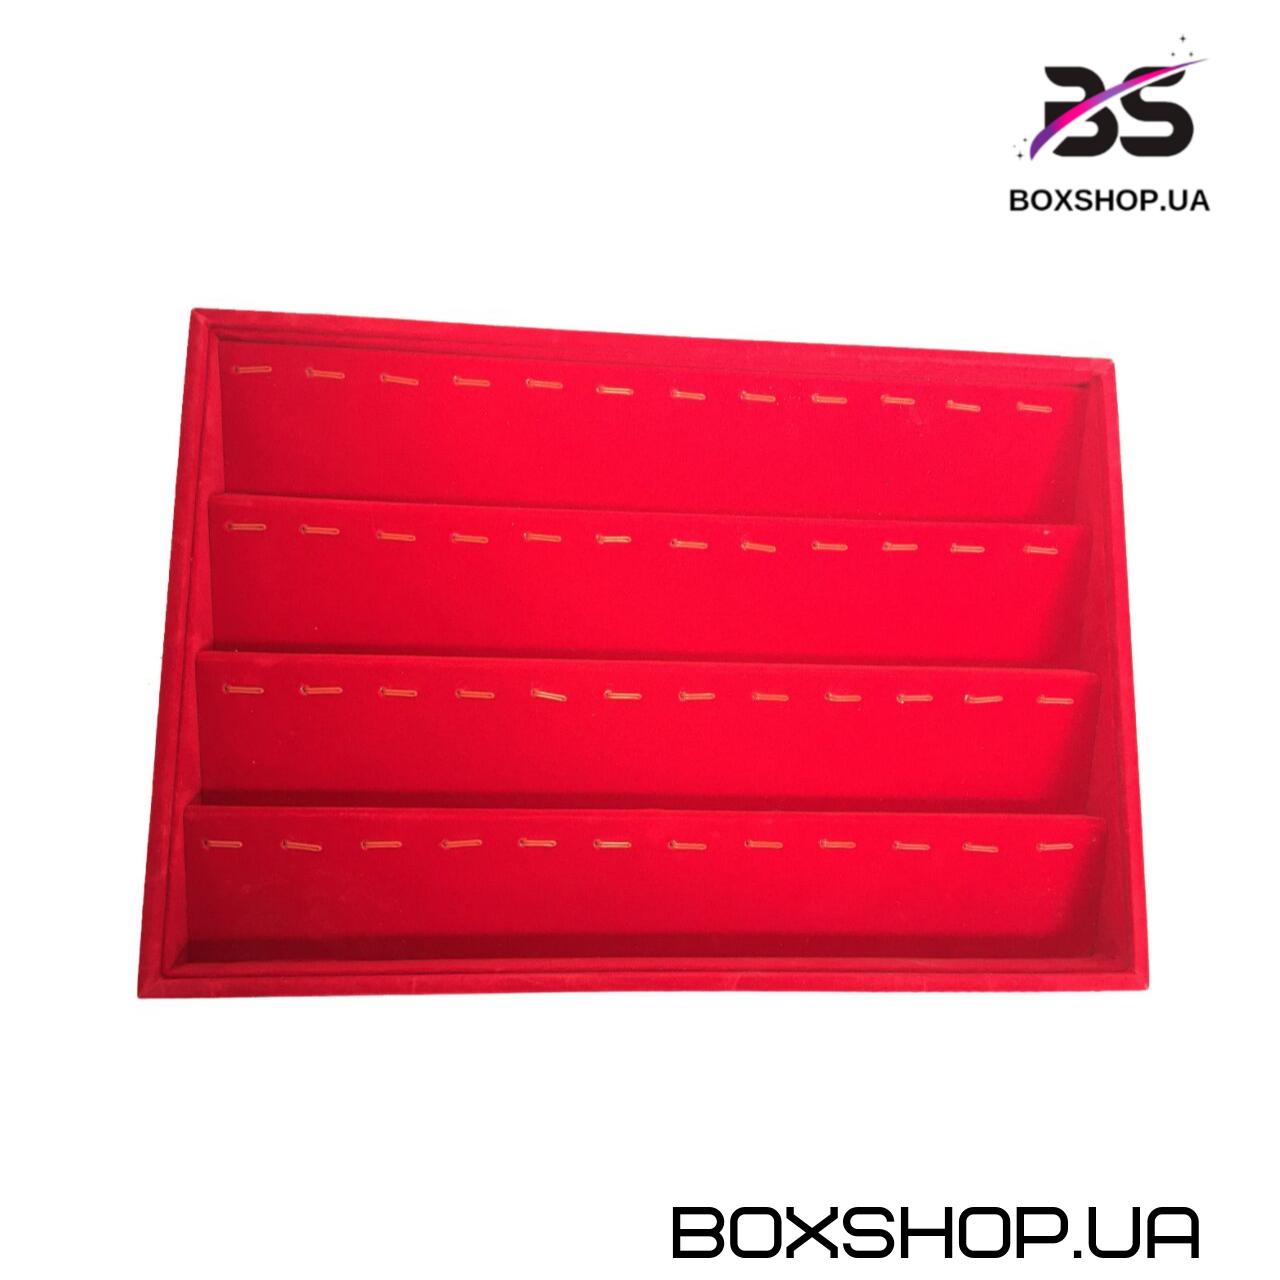 Ювелирный планшет BOXSHOP - 1022870695